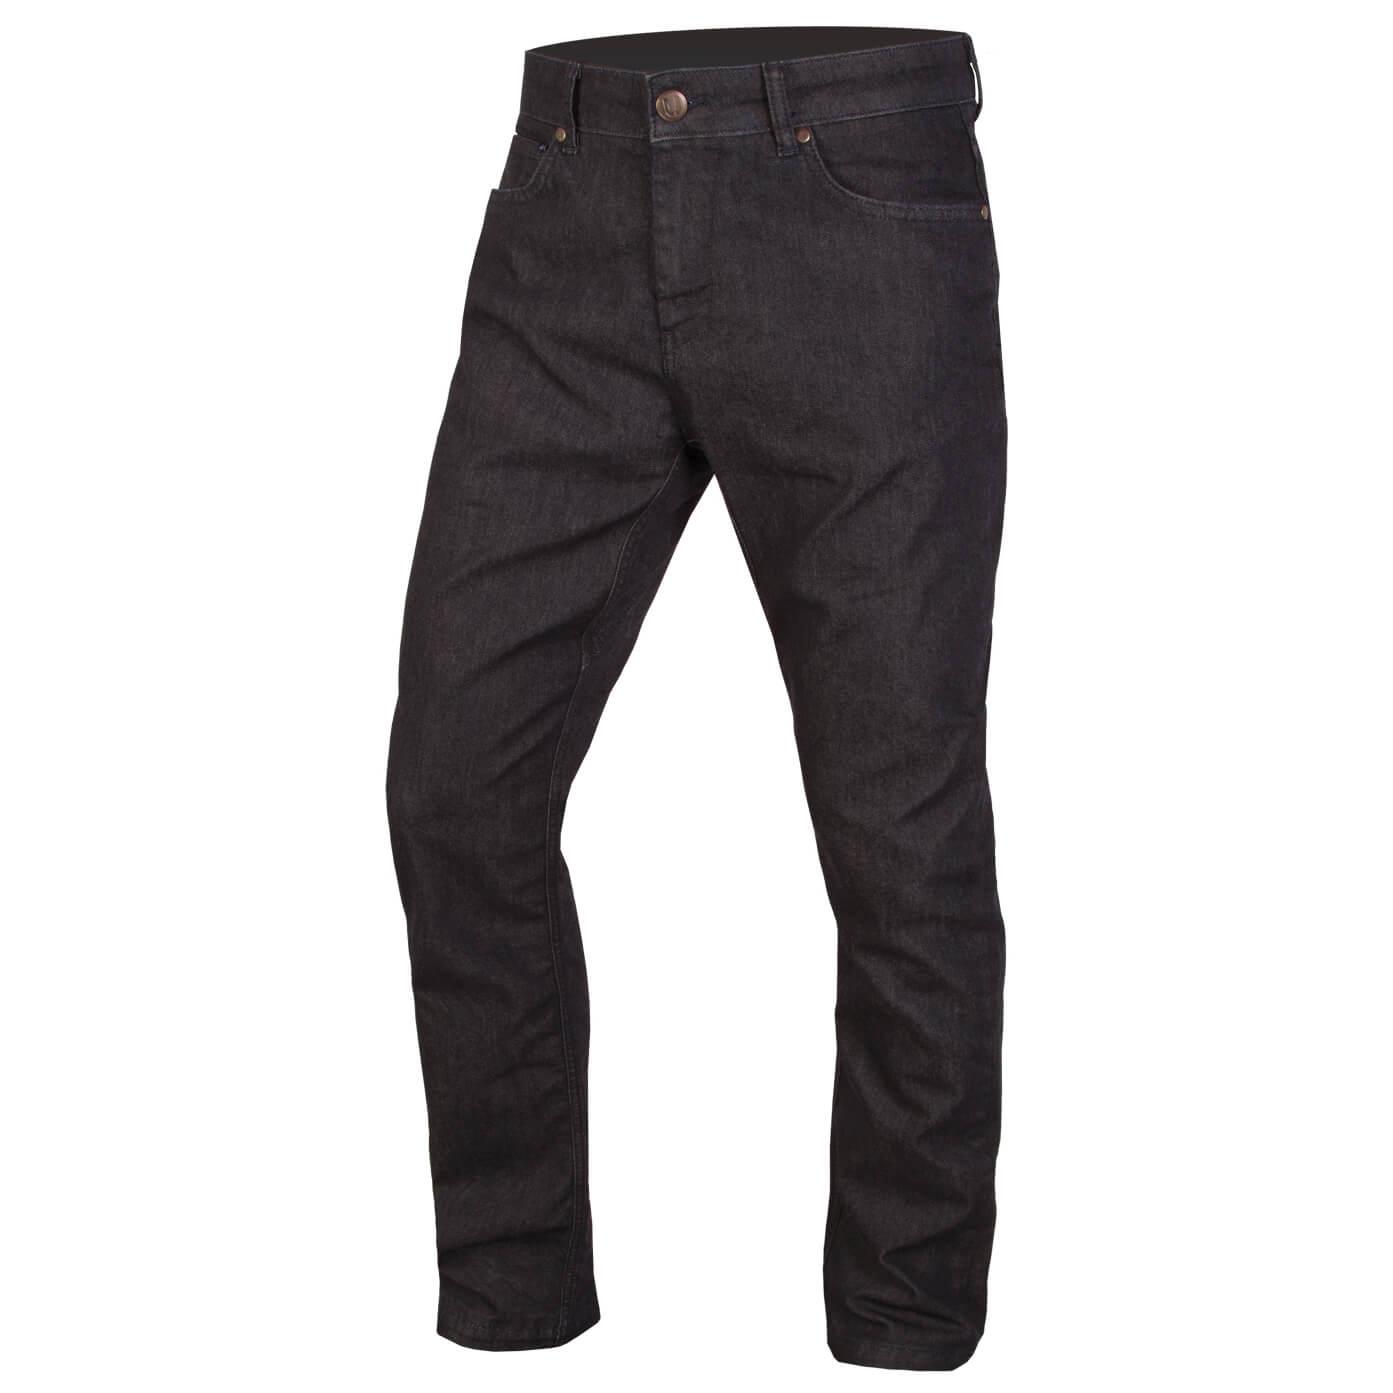 endura urban jeans radhose herren online kaufen. Black Bedroom Furniture Sets. Home Design Ideas